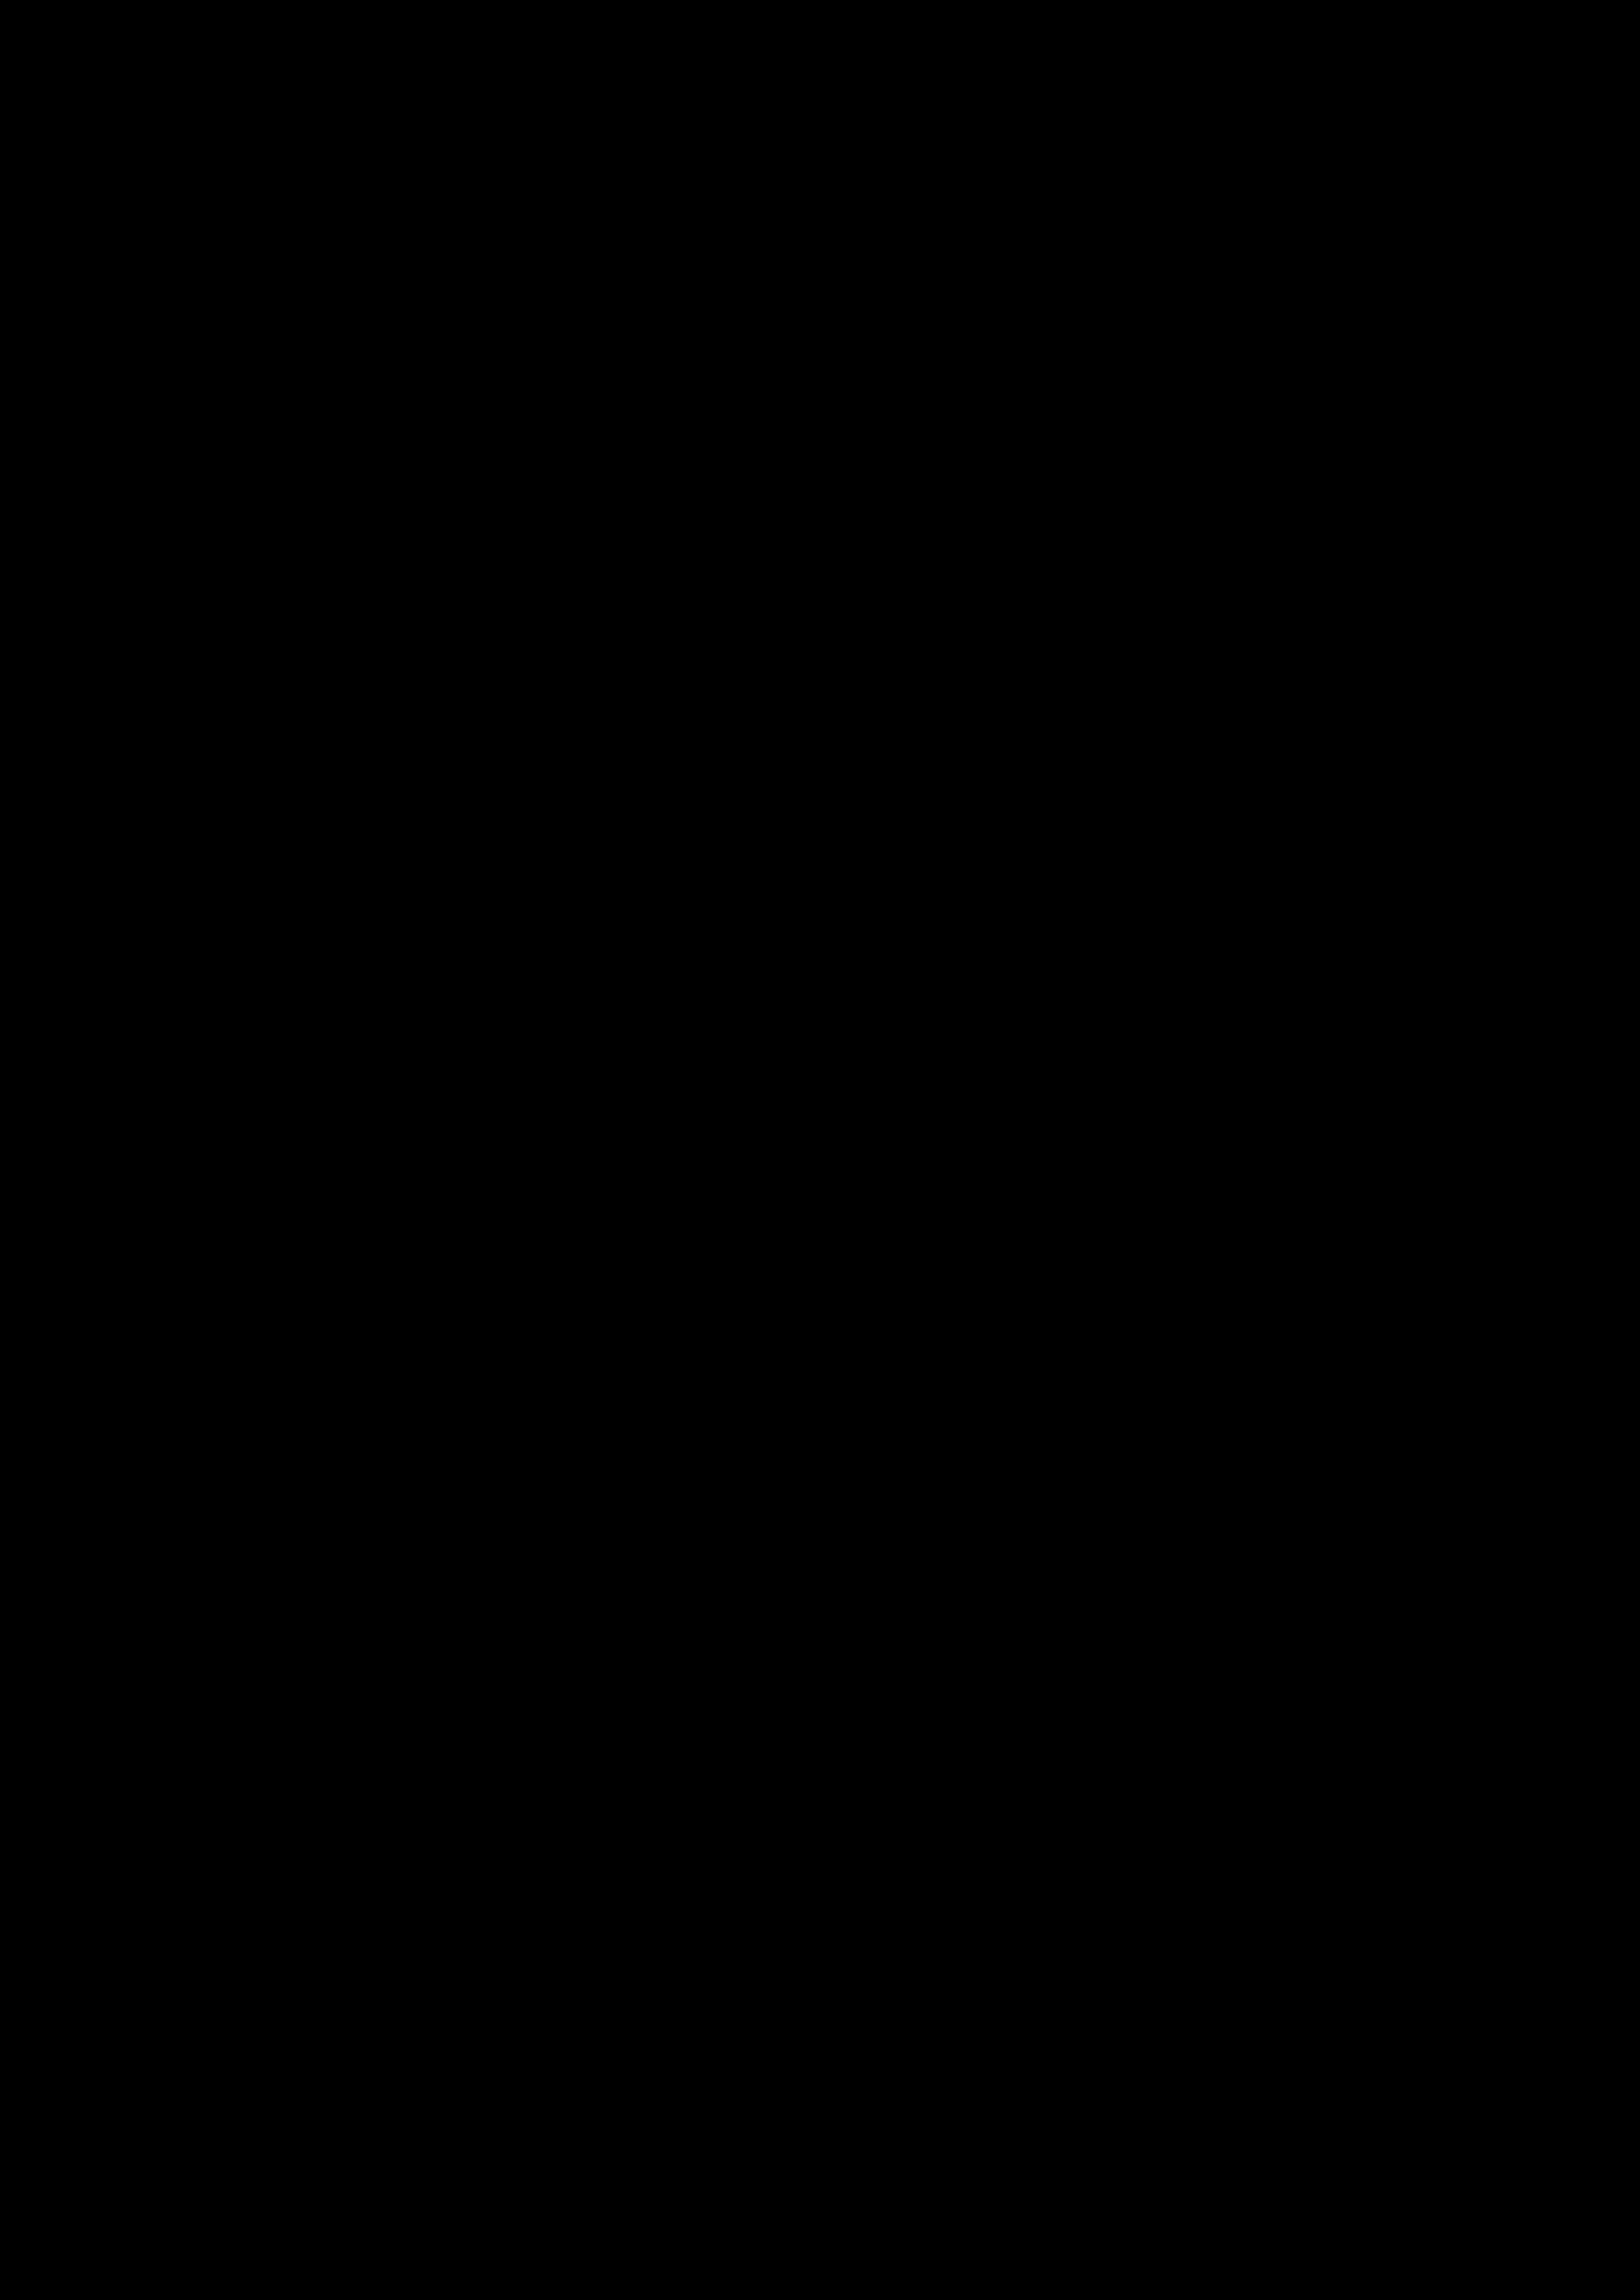 2018.10.10-alessandria-corso-inim-prime-base-001